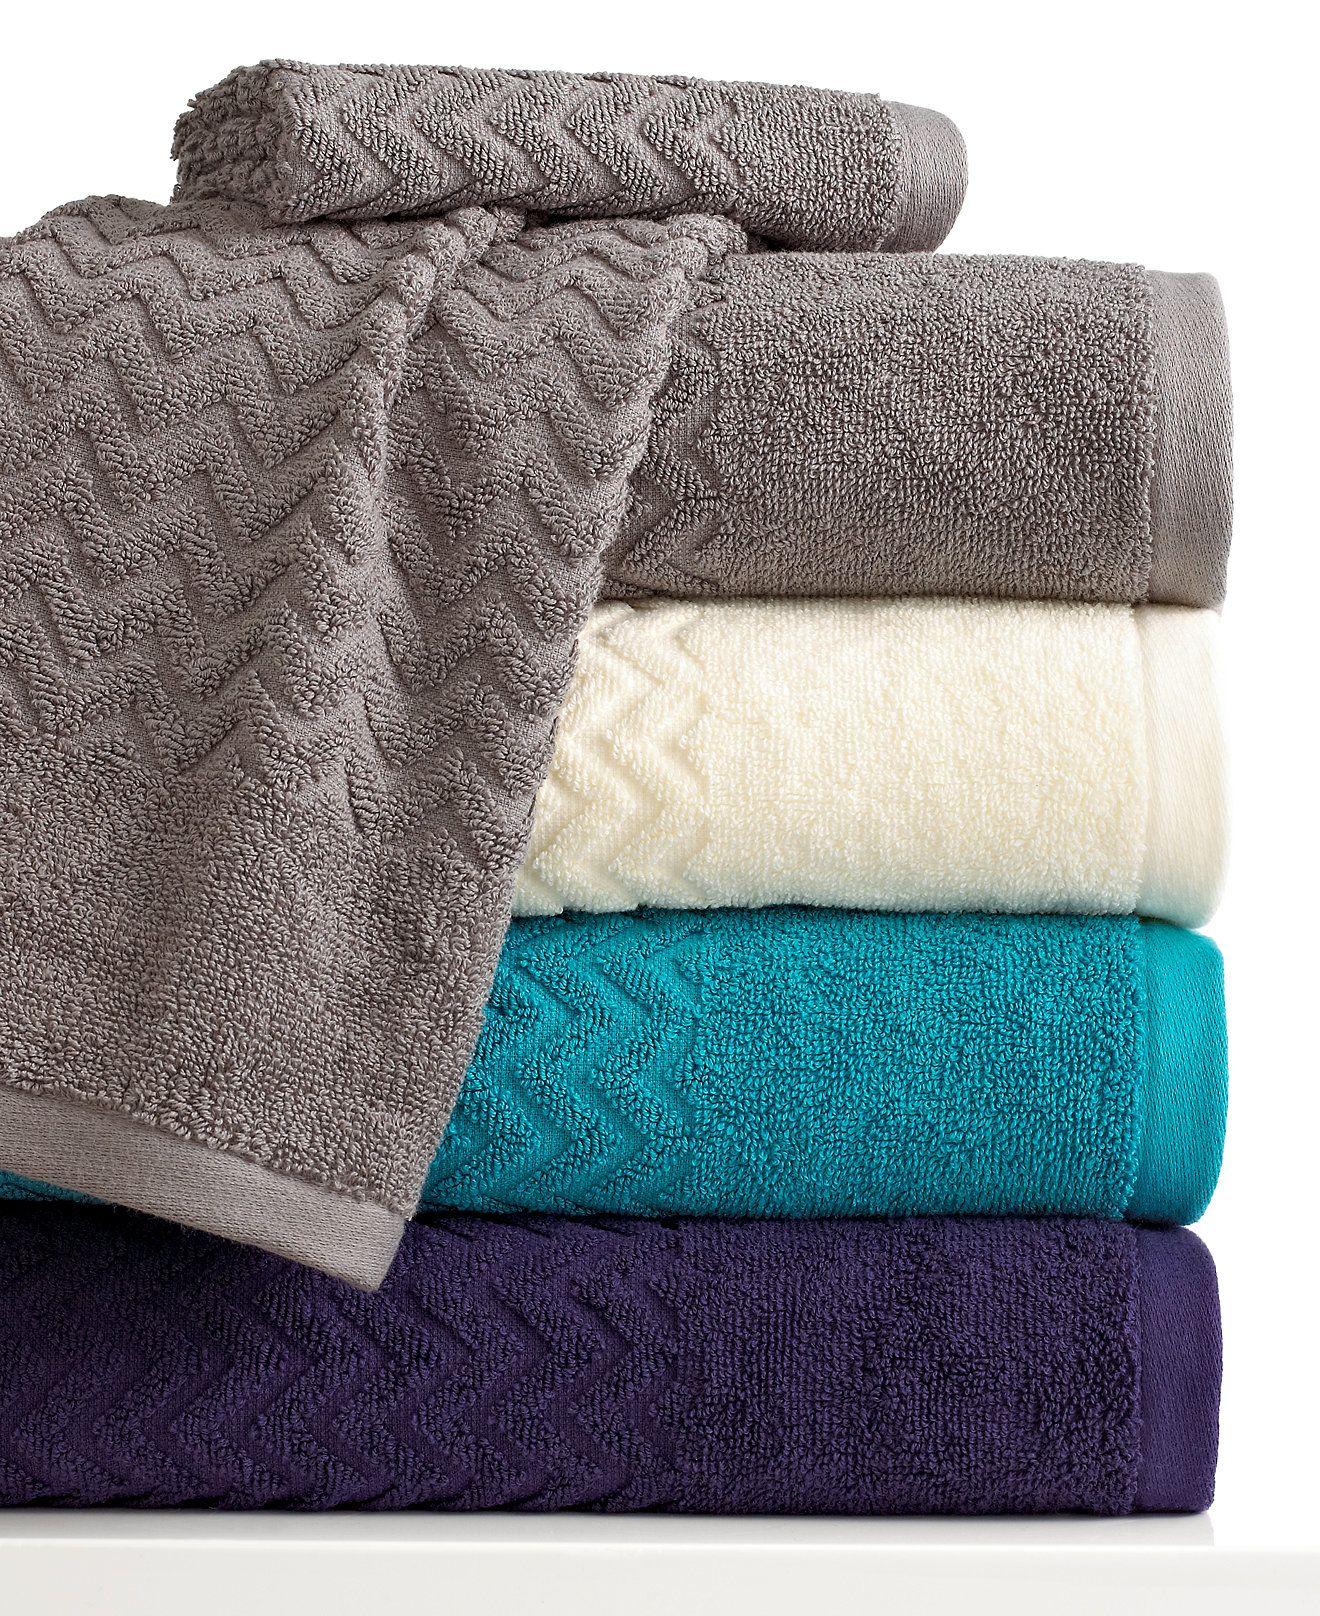 Closeout Bianca Bath Towels Chevron Collection Bath Towels